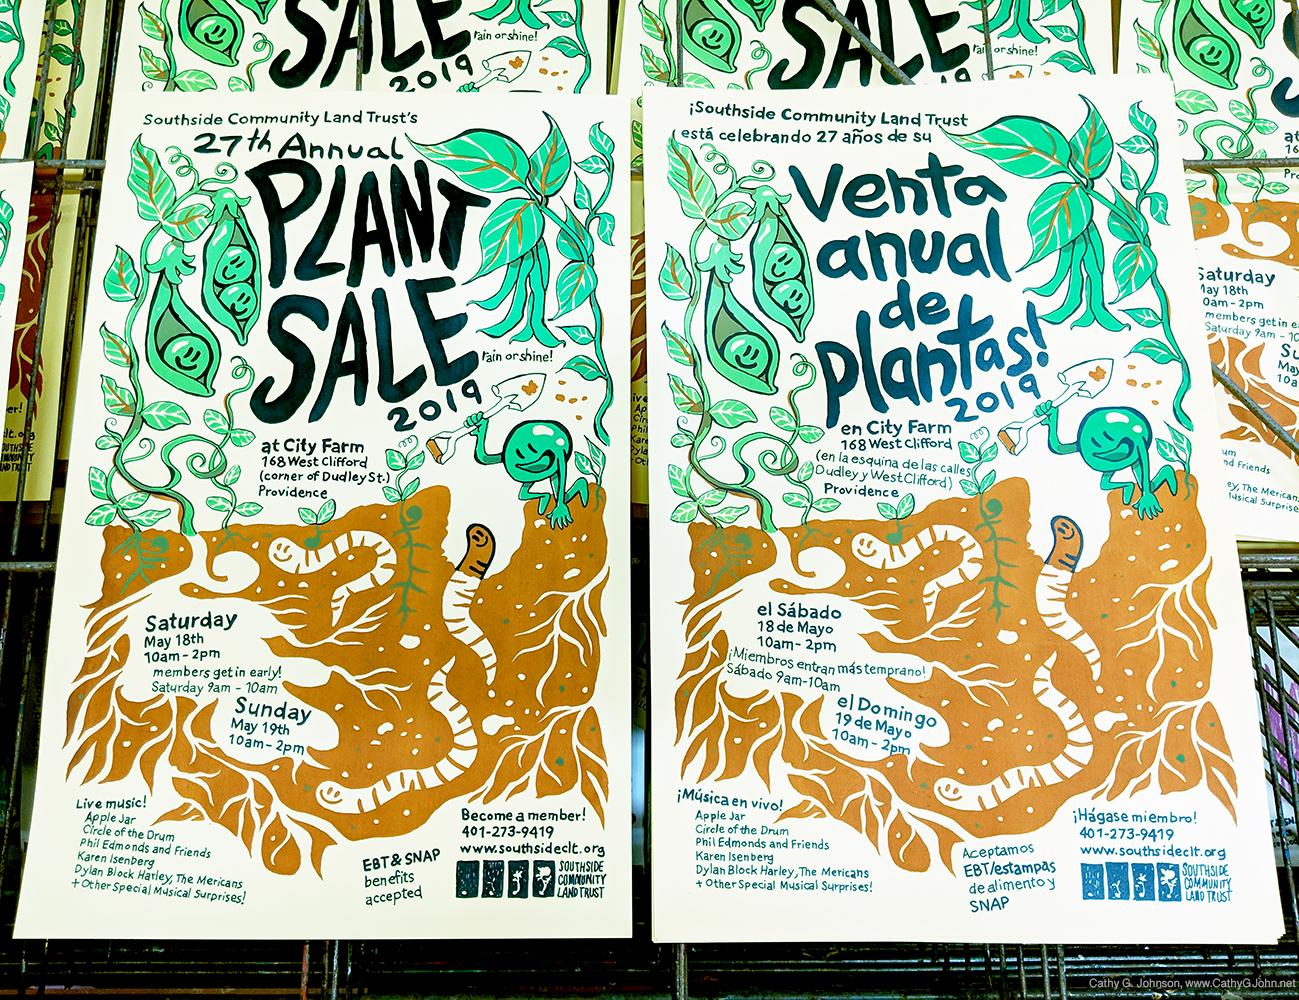 PlantSale2019_small.jpg